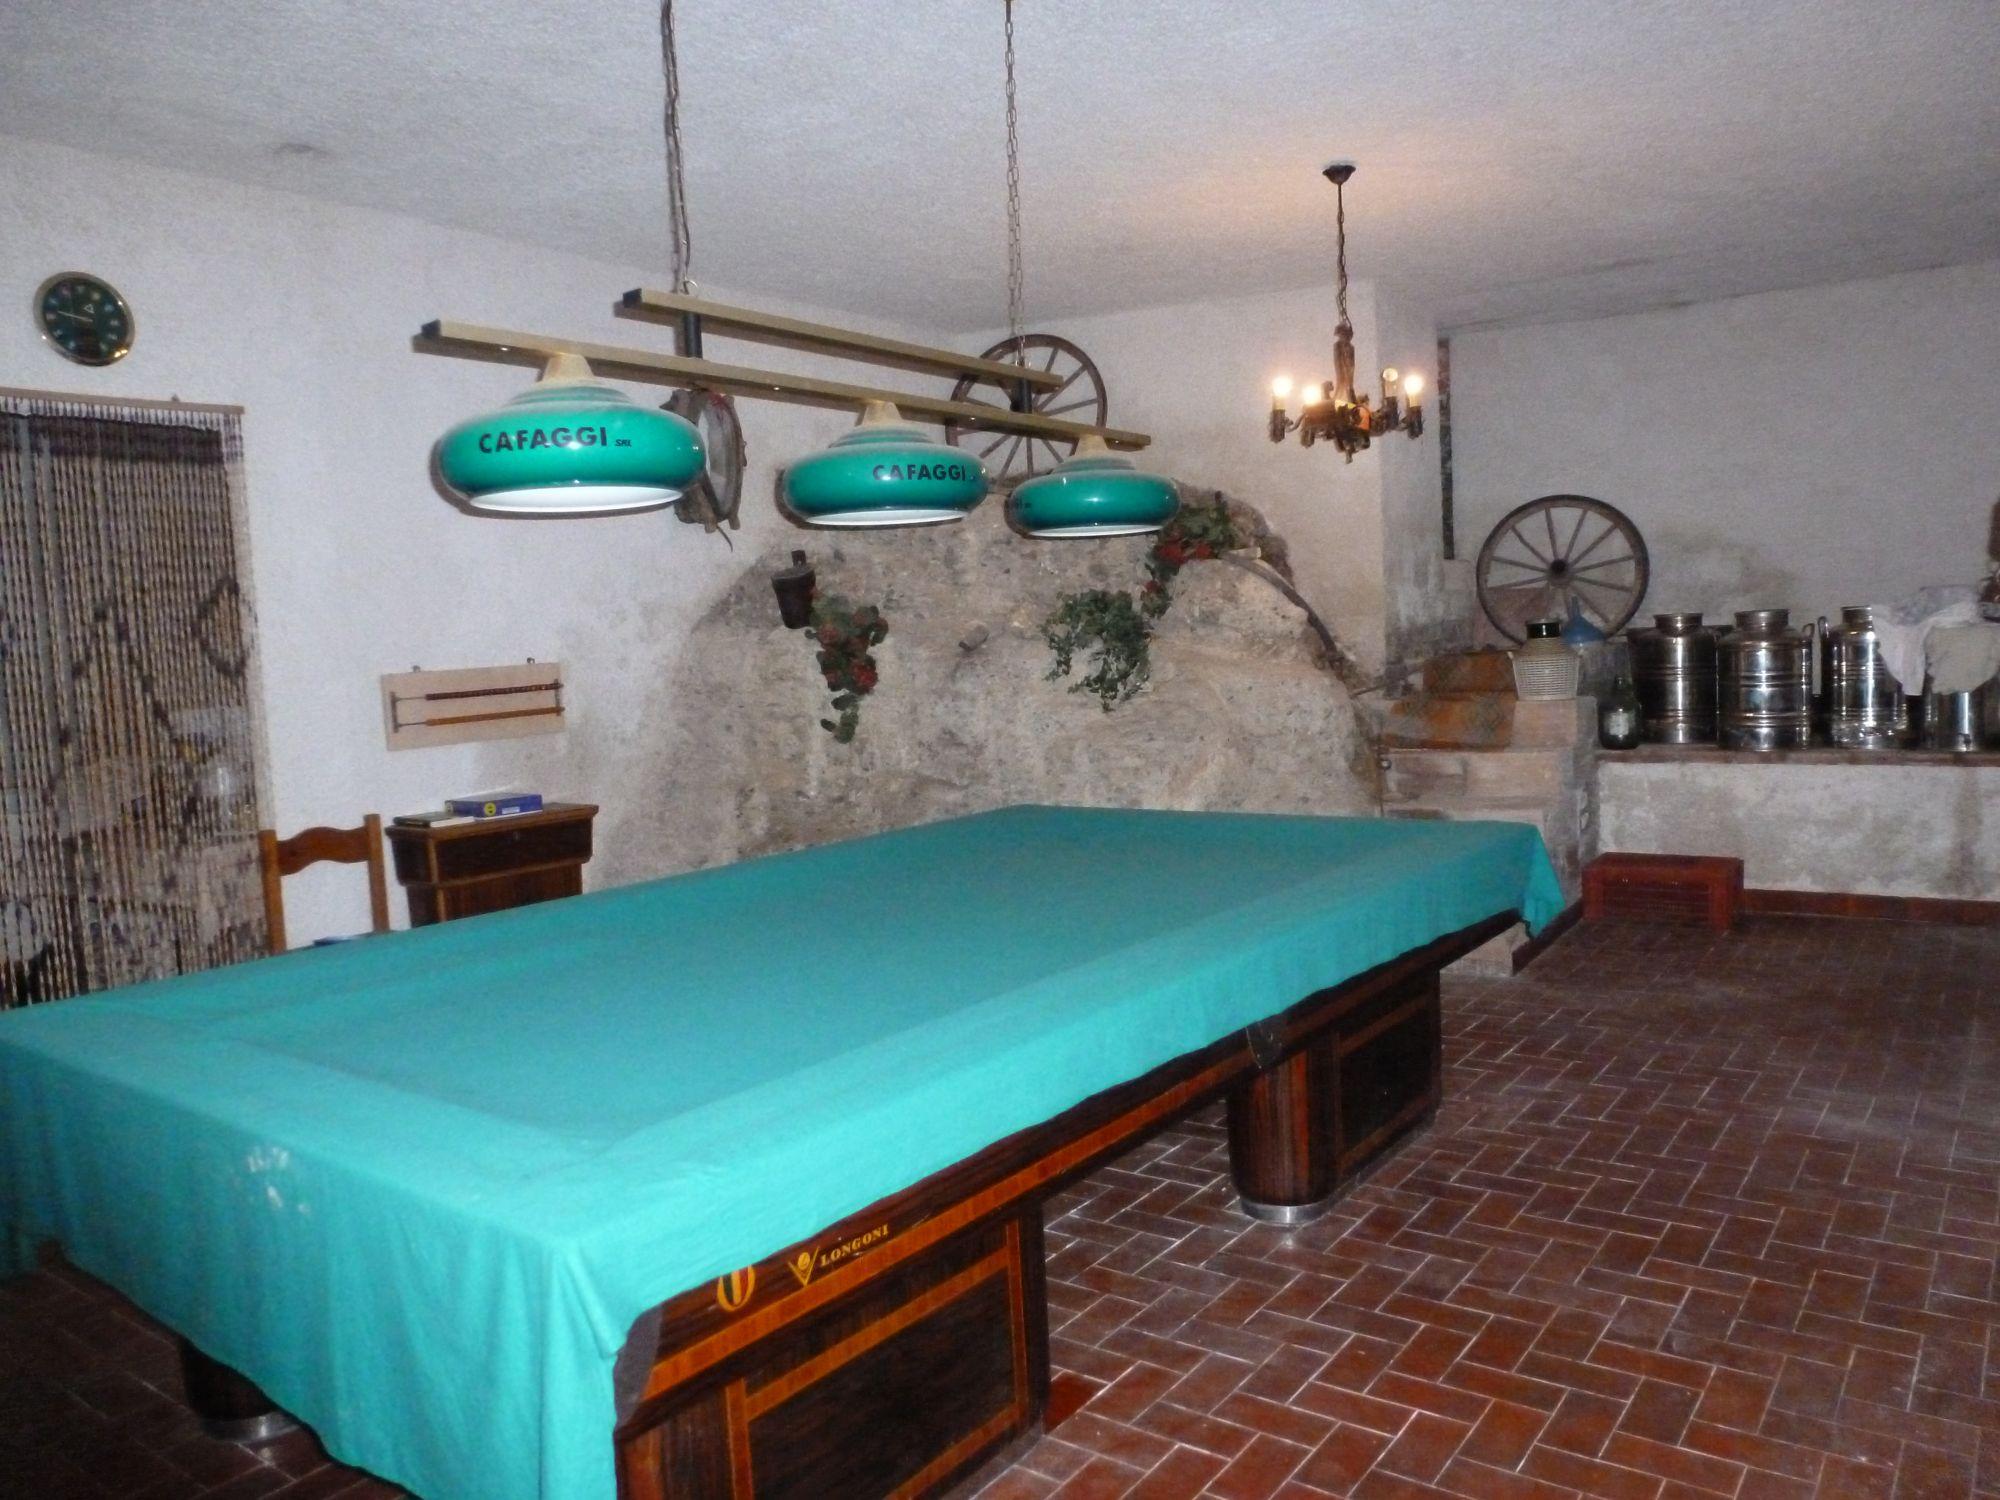 Villa, Huisjes for sale in Ventimiglia san lorenzo (IM)